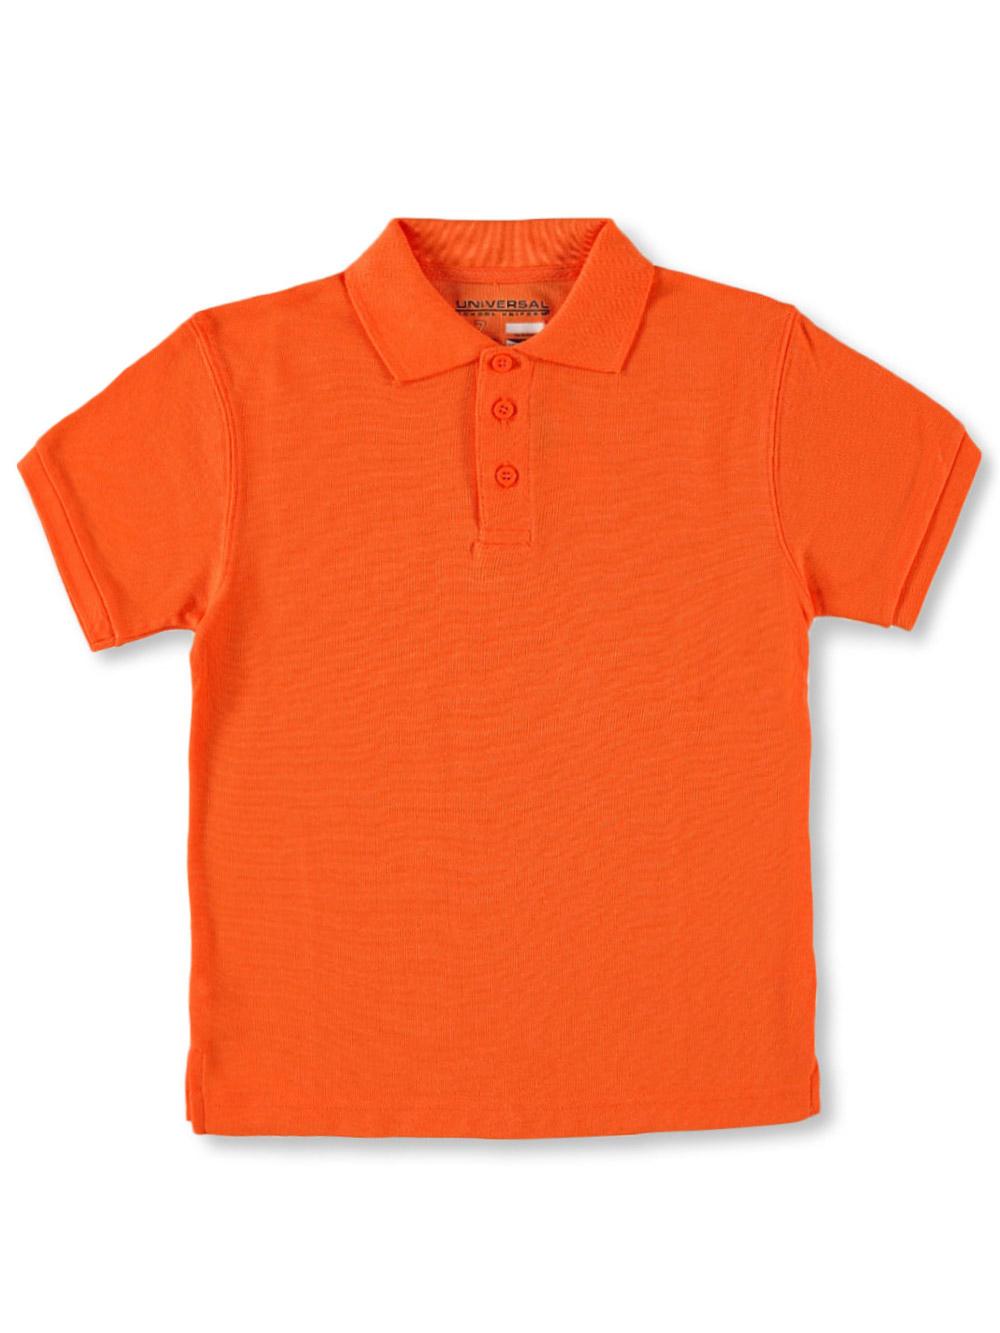 6 orange Universal Unisex S//S Pique Polo